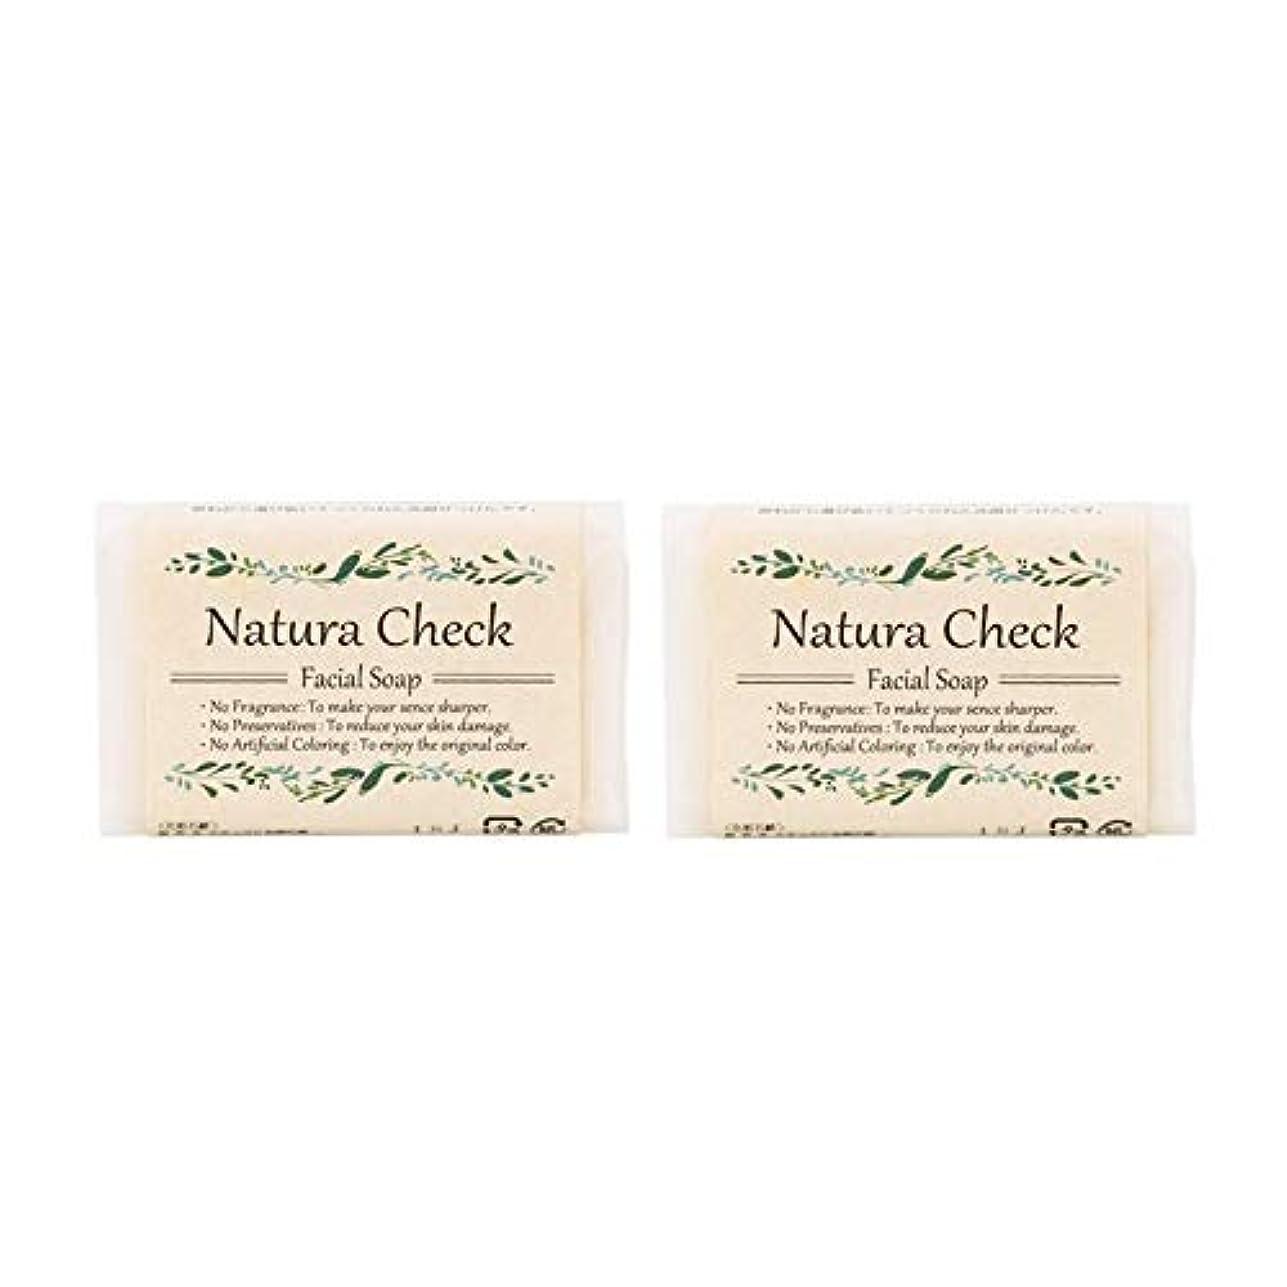 テメリティ許さない限られたNatura Check 無添加洗顔せっけん80g 2個セット 毛穴の黒ずみ、毛穴の開き、敏感肌、乾燥肌対策に 新生児やアトピー肌にも安心